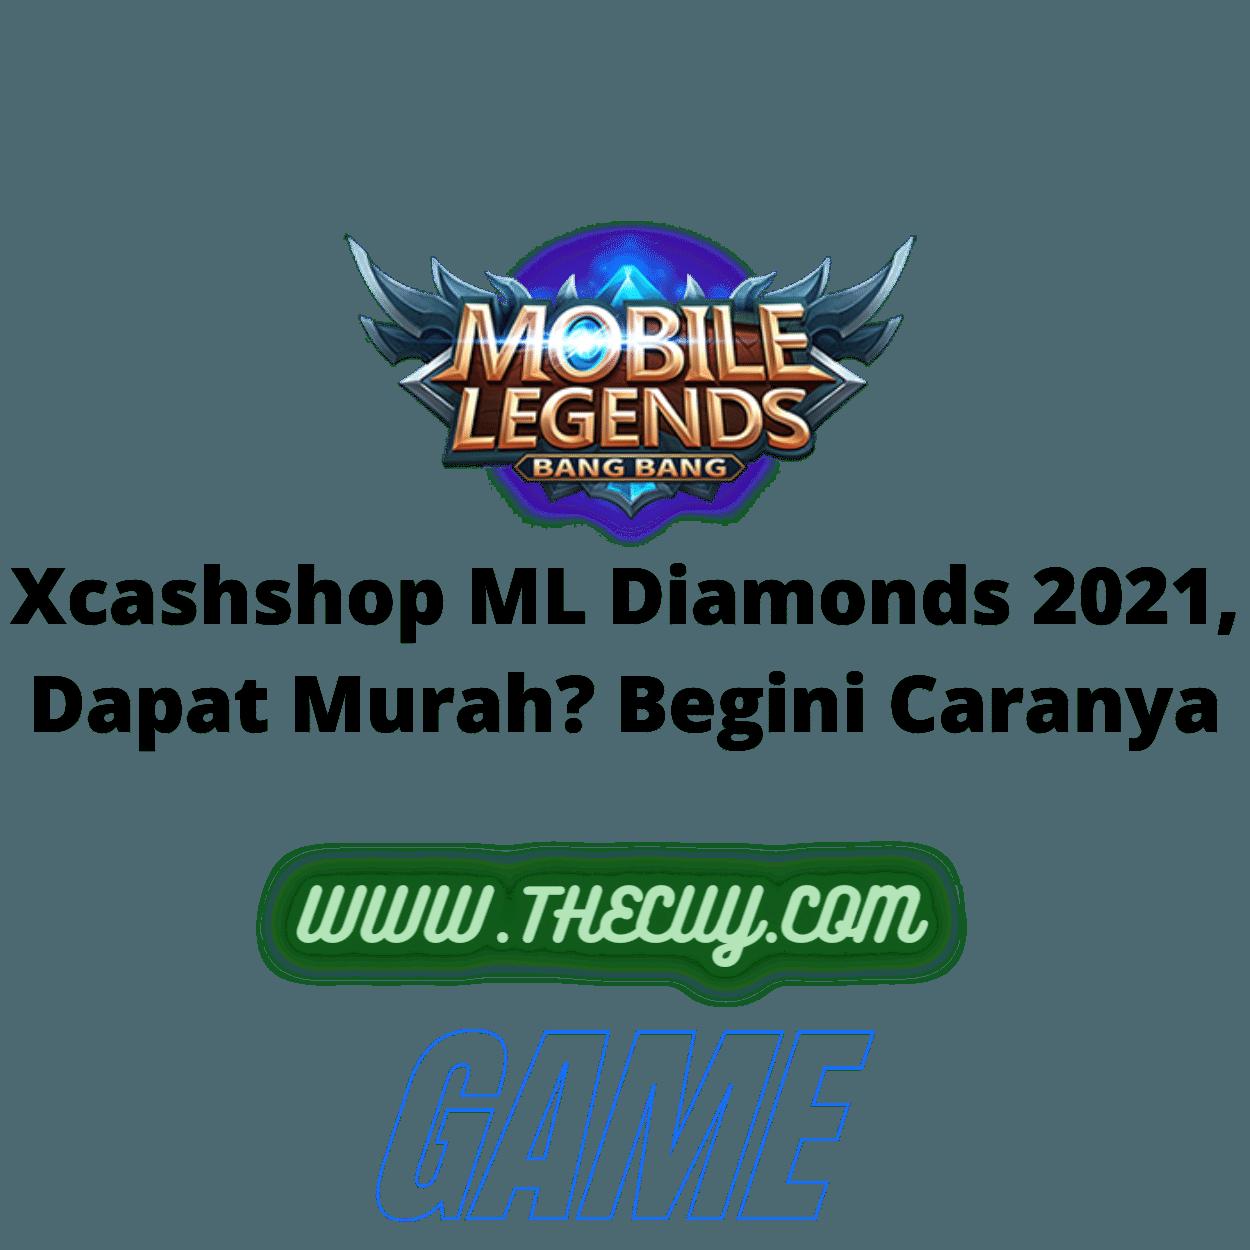 Xcashshop ML Diamonds 2021, Dapat Murah? Begini Caranya